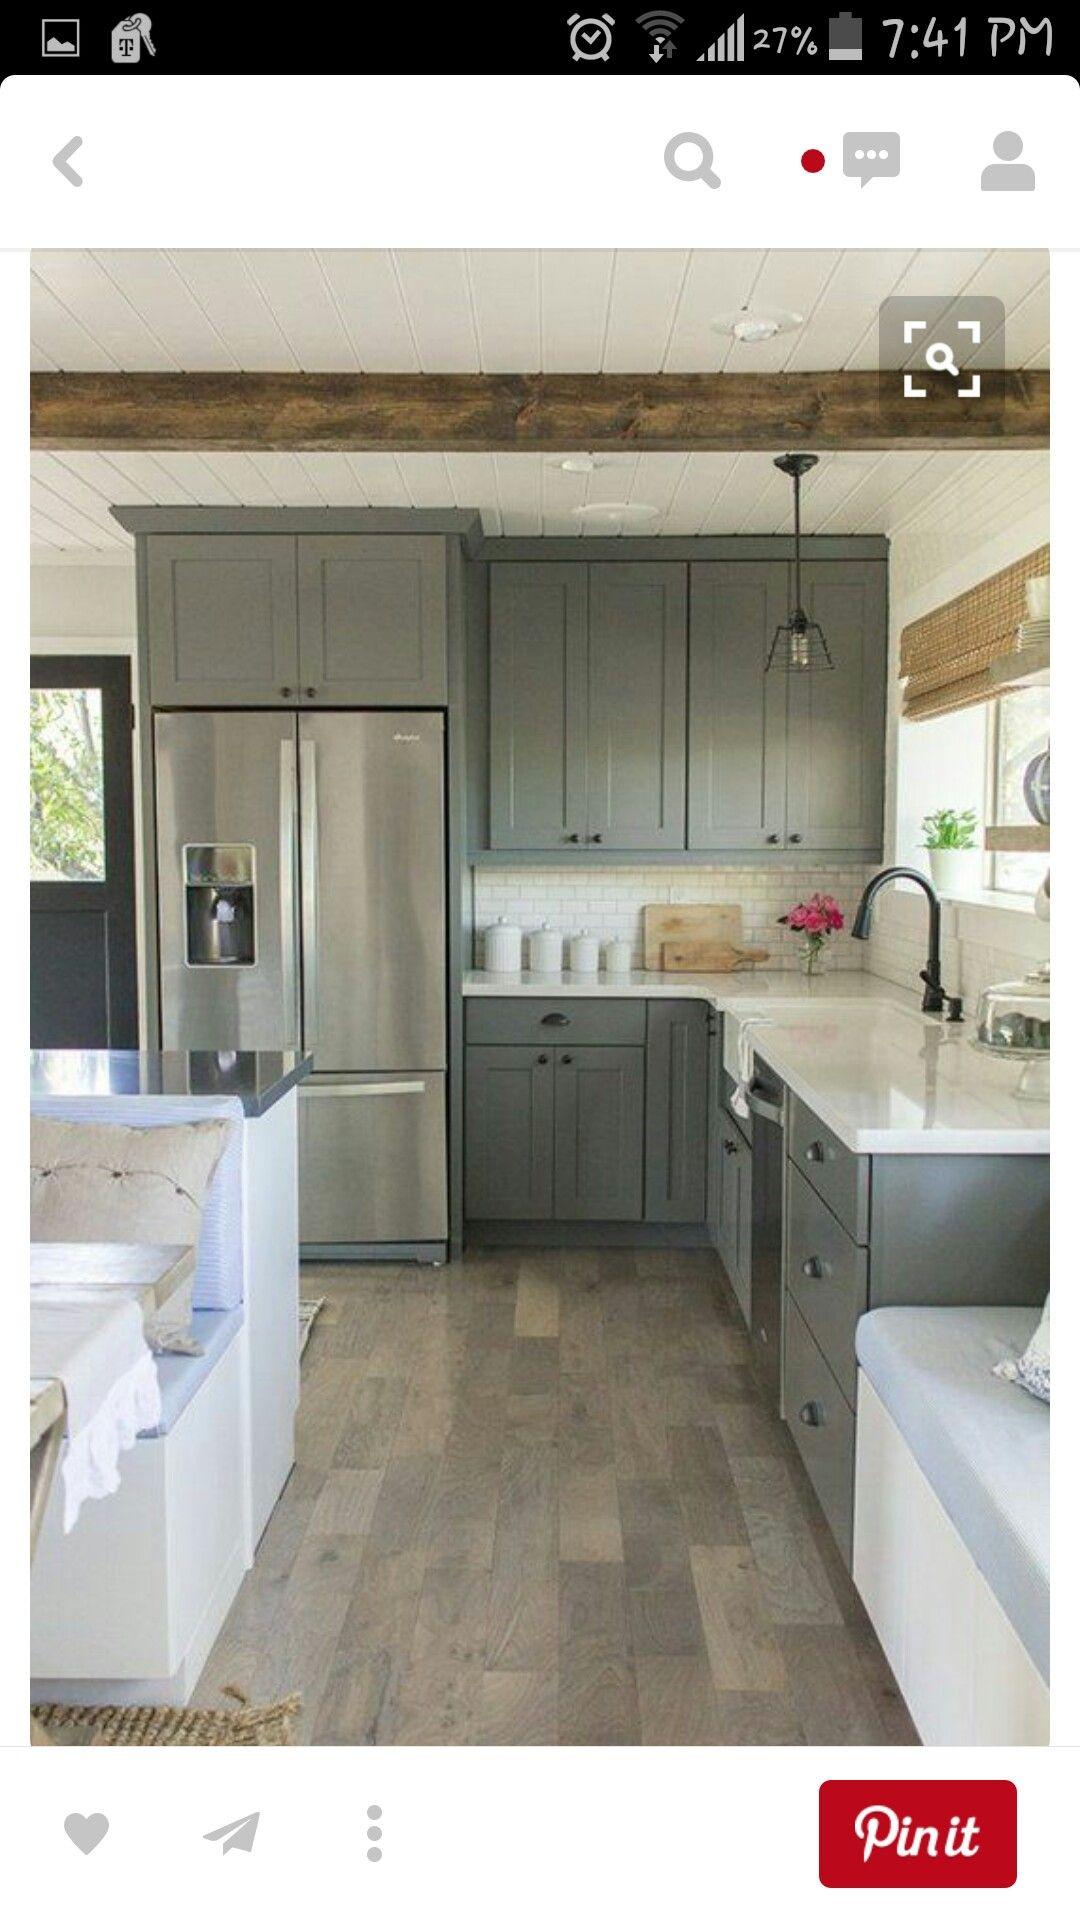 Pin by deana finch on kitchen renovation pinterest kitchens